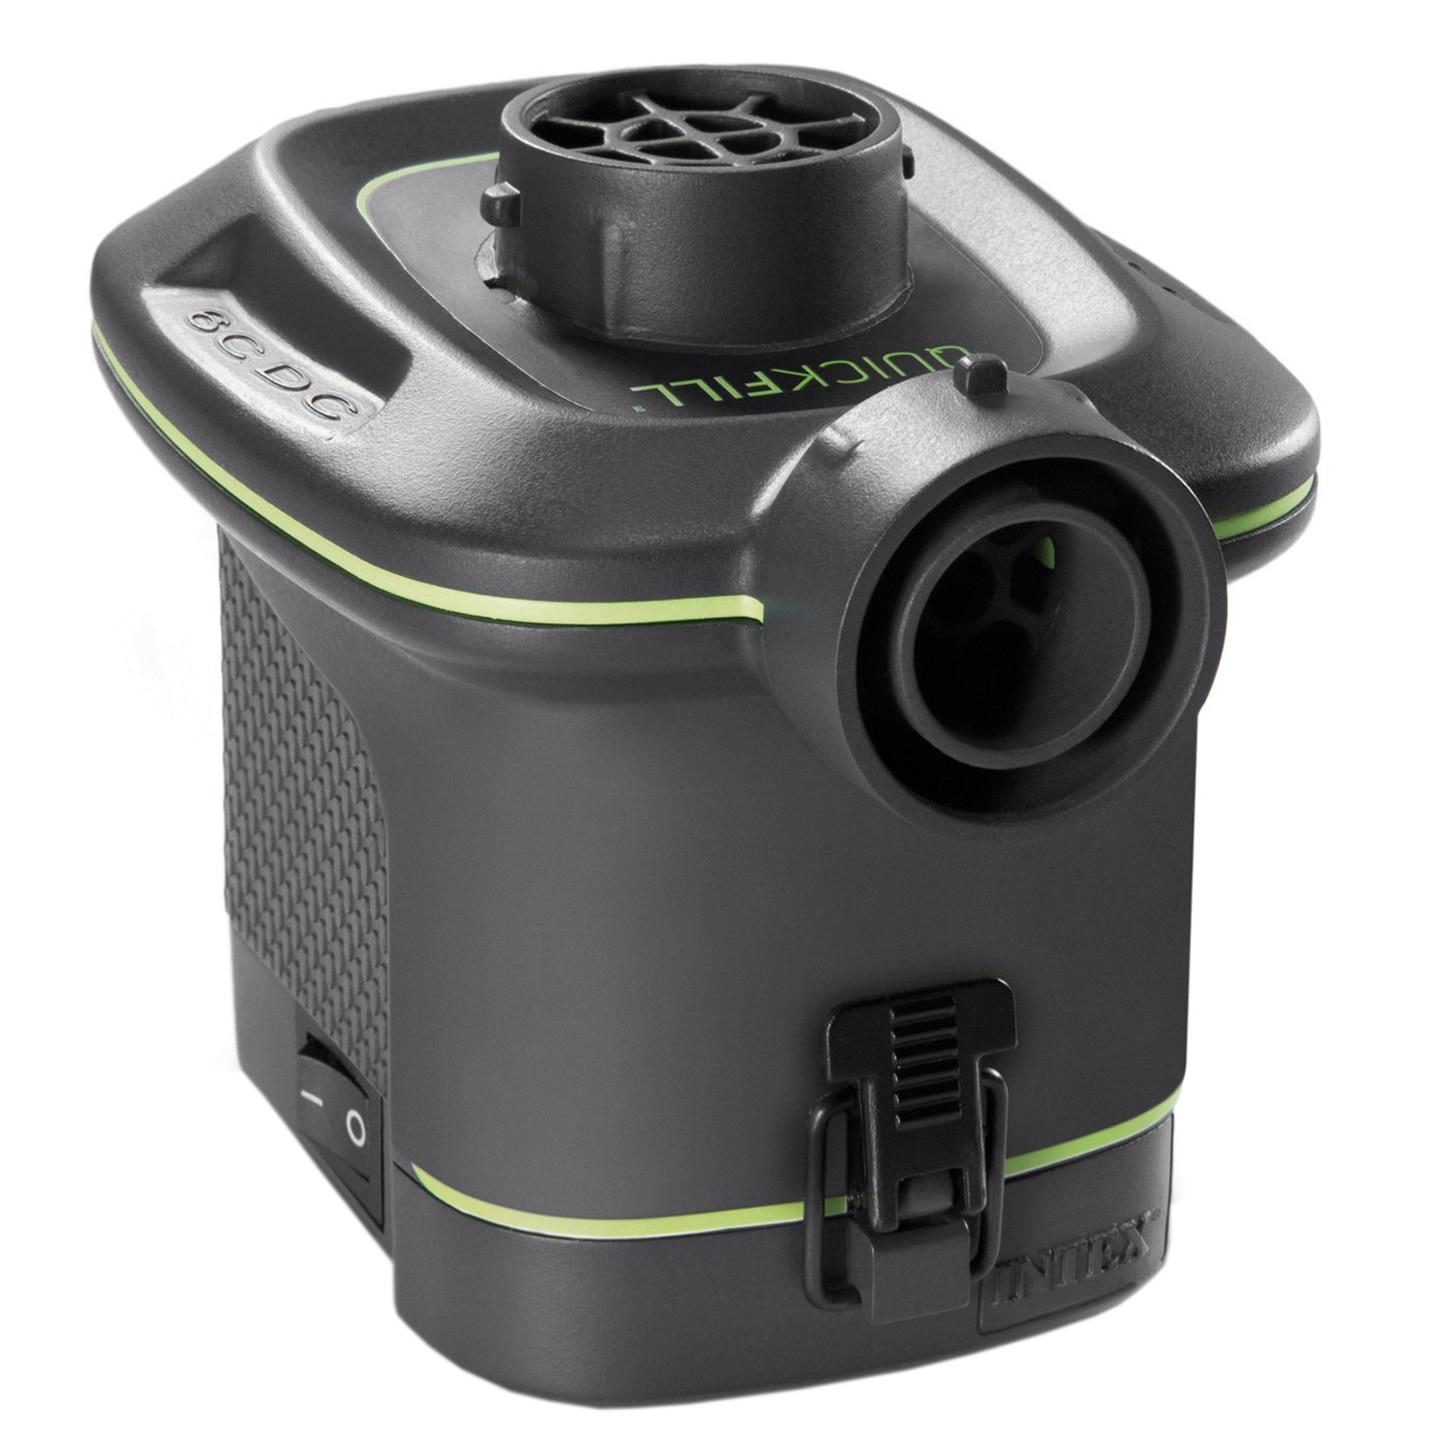 Fotografie Pompa electrica Intex Quick-Fill cu baterii